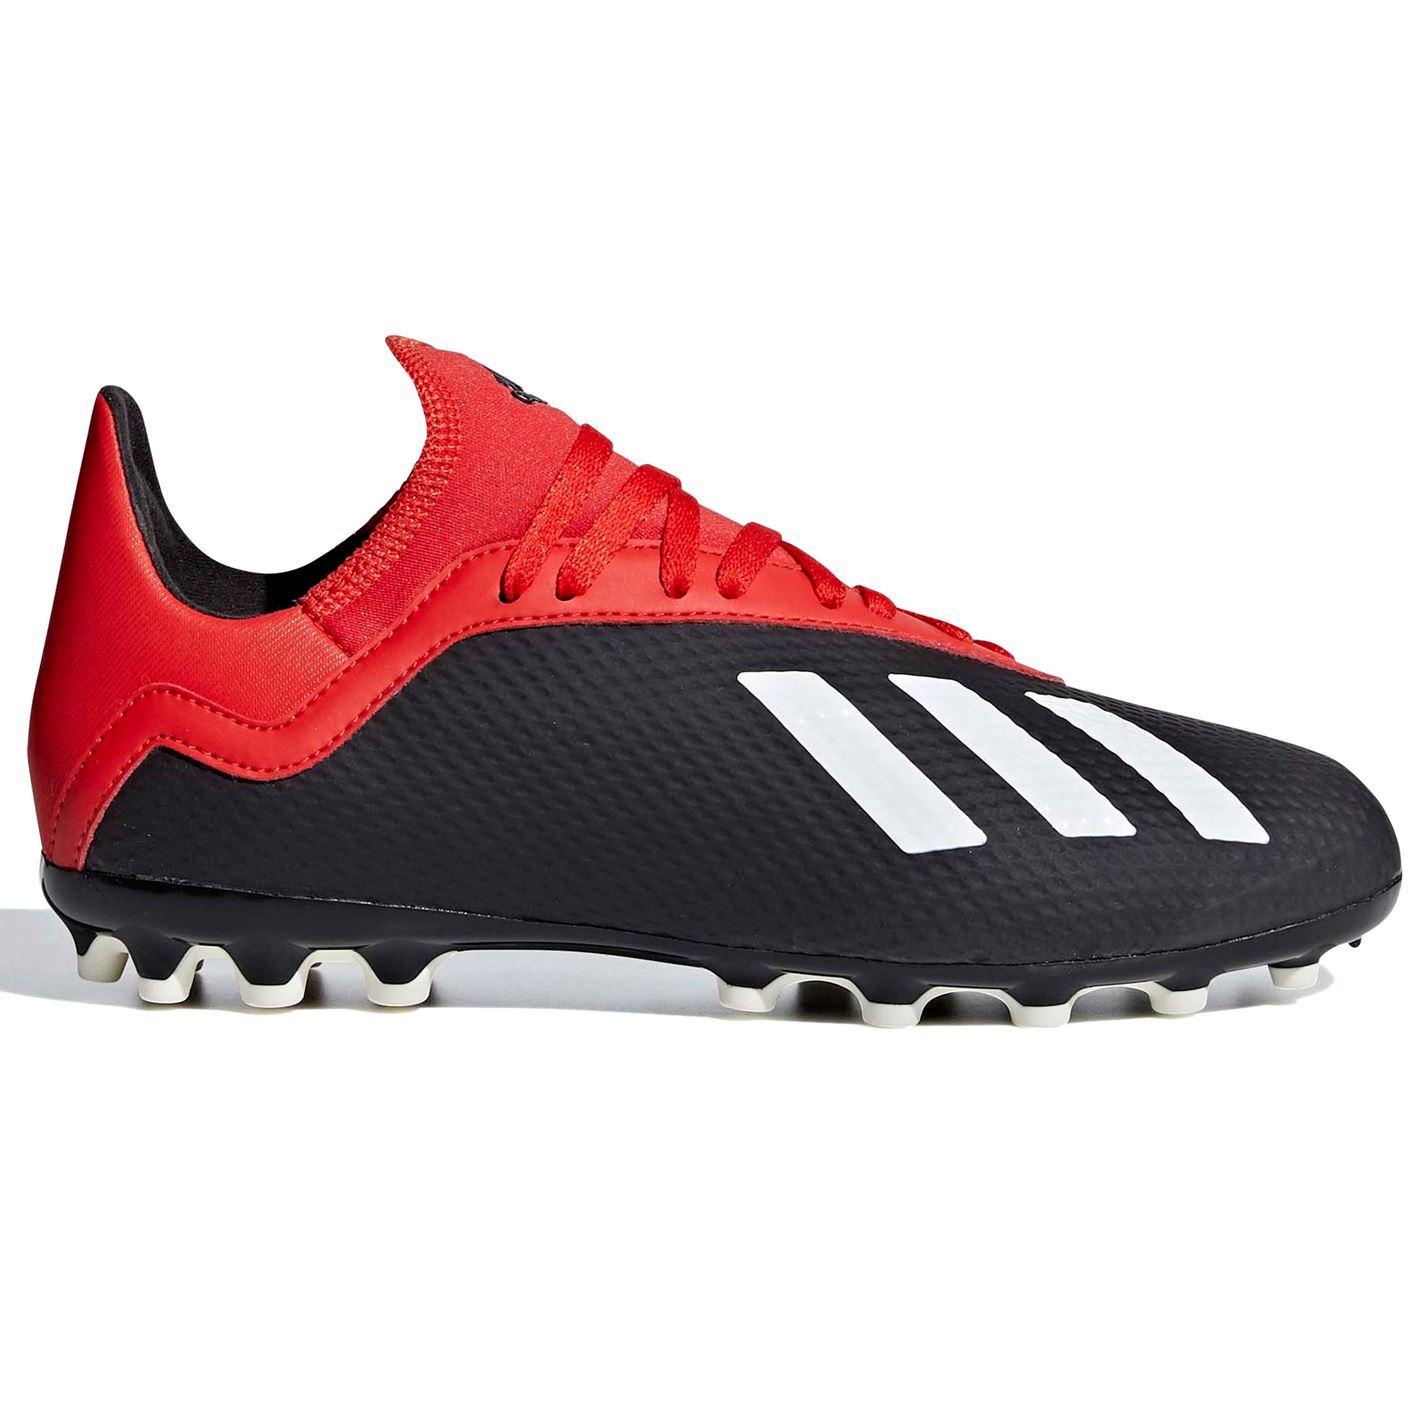 Dettagli su Adidas x 18.3 Ag Artificiali Scarpe da Calcio Juniors Scarpe Calcio Tacchetti